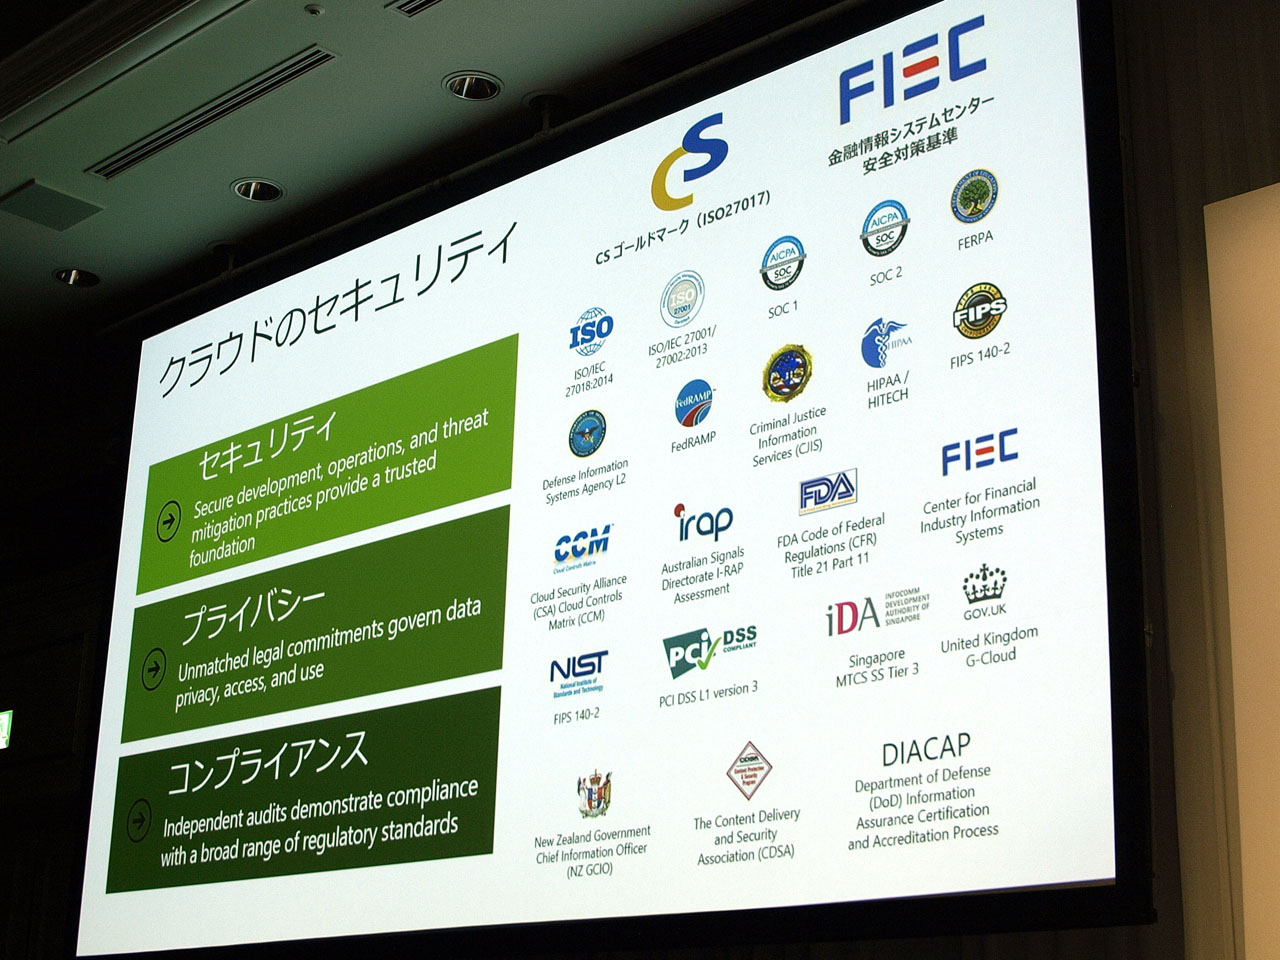 クラウドサービスのAzureとOffice 365では、世界各国で第三者認証を取得